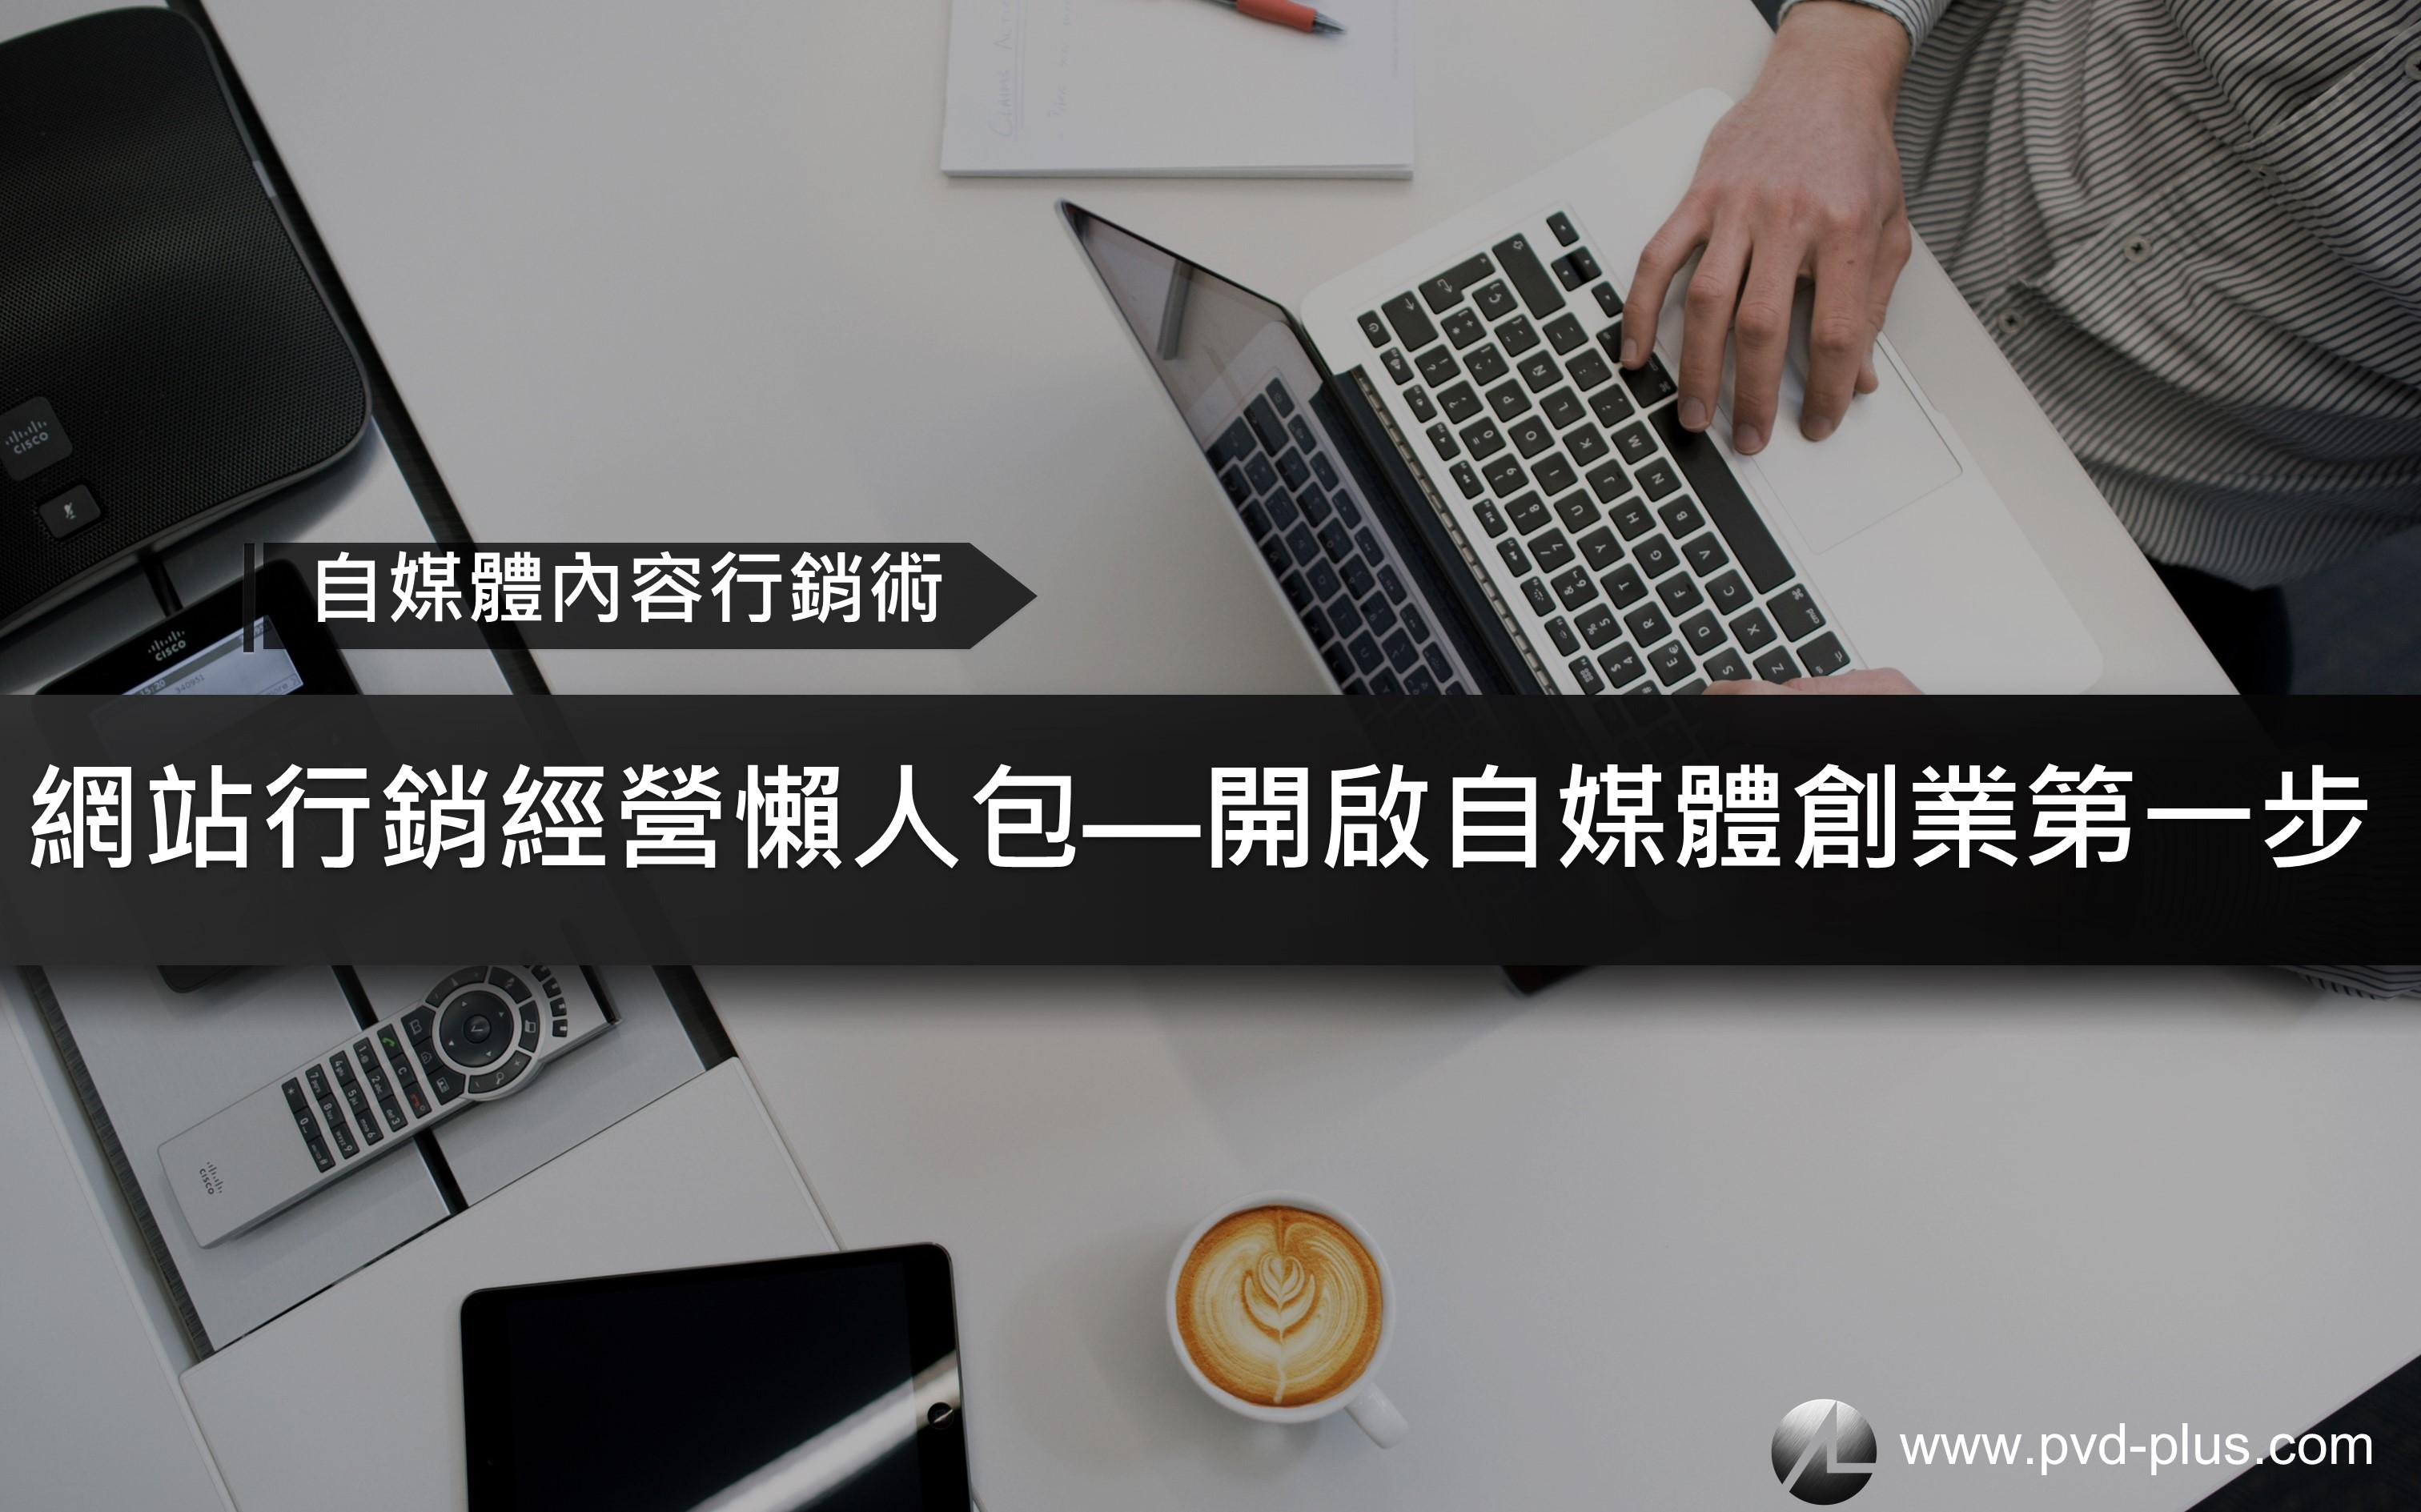 網站經營行銷技巧策略—自媒體網路創業入門概念